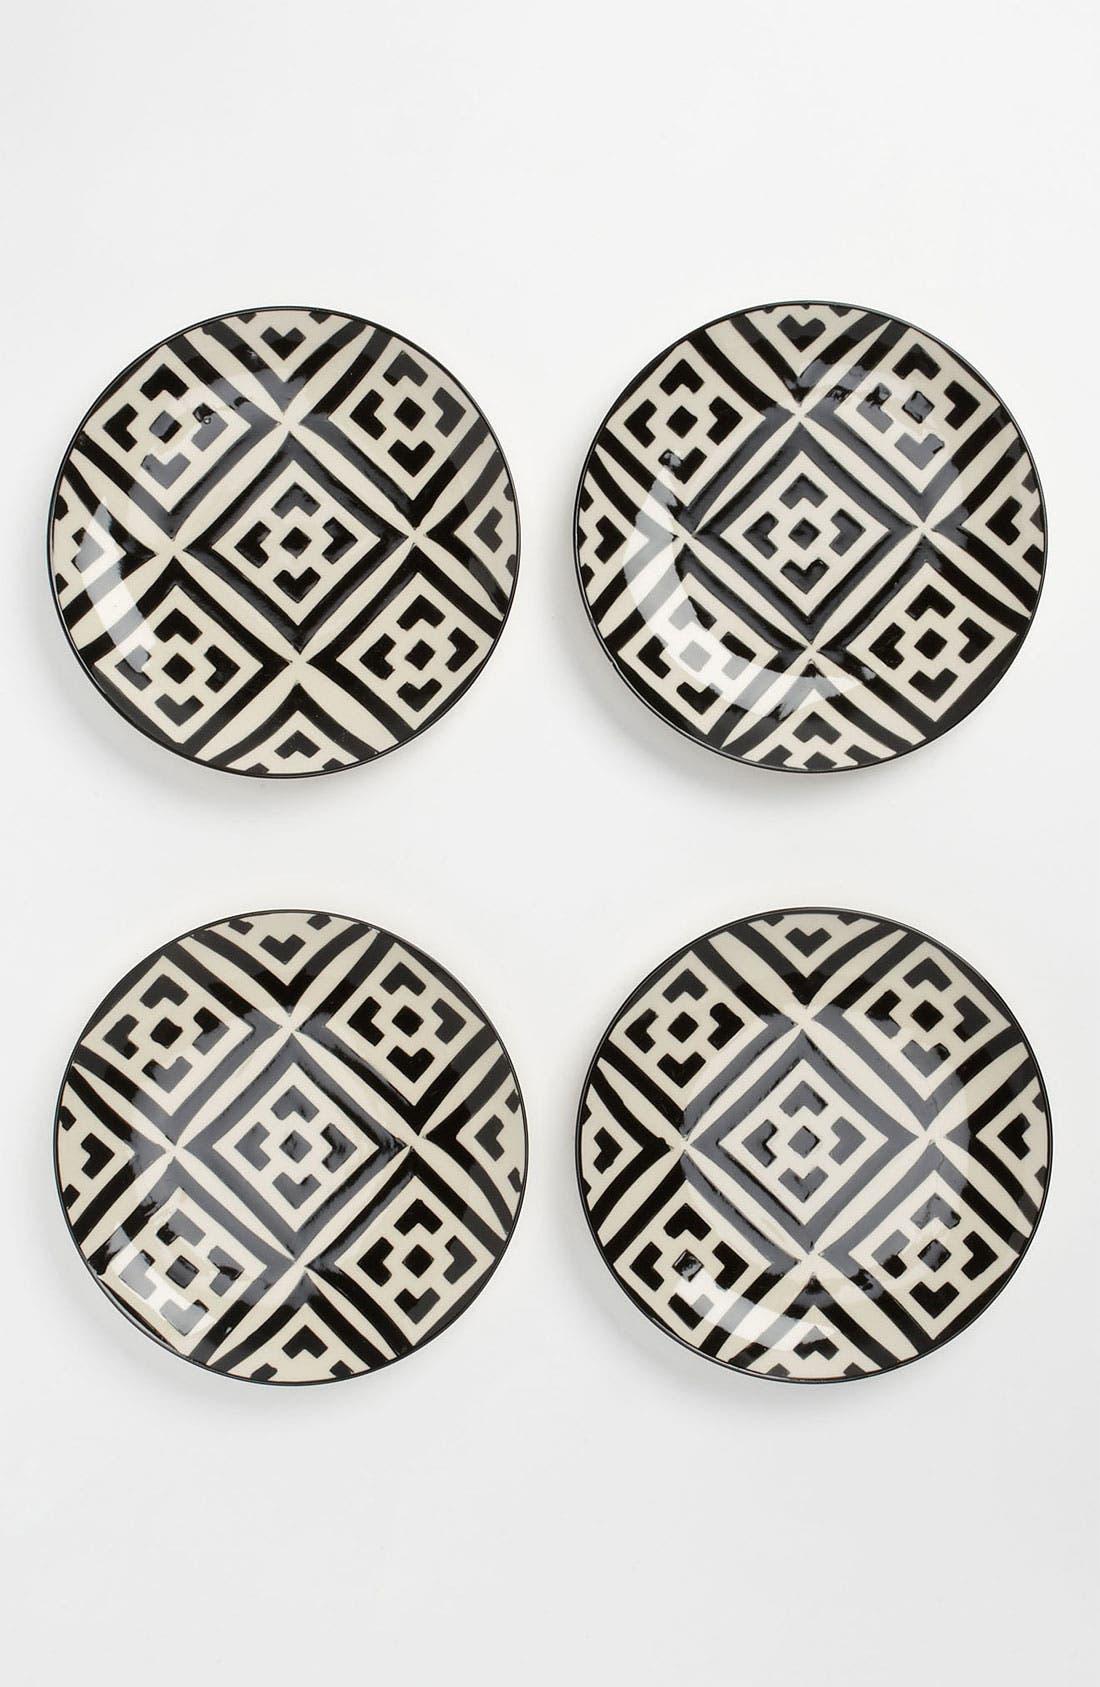 Alternate Image 1 Selected - Black & White Dessert Plates (Set of 4)